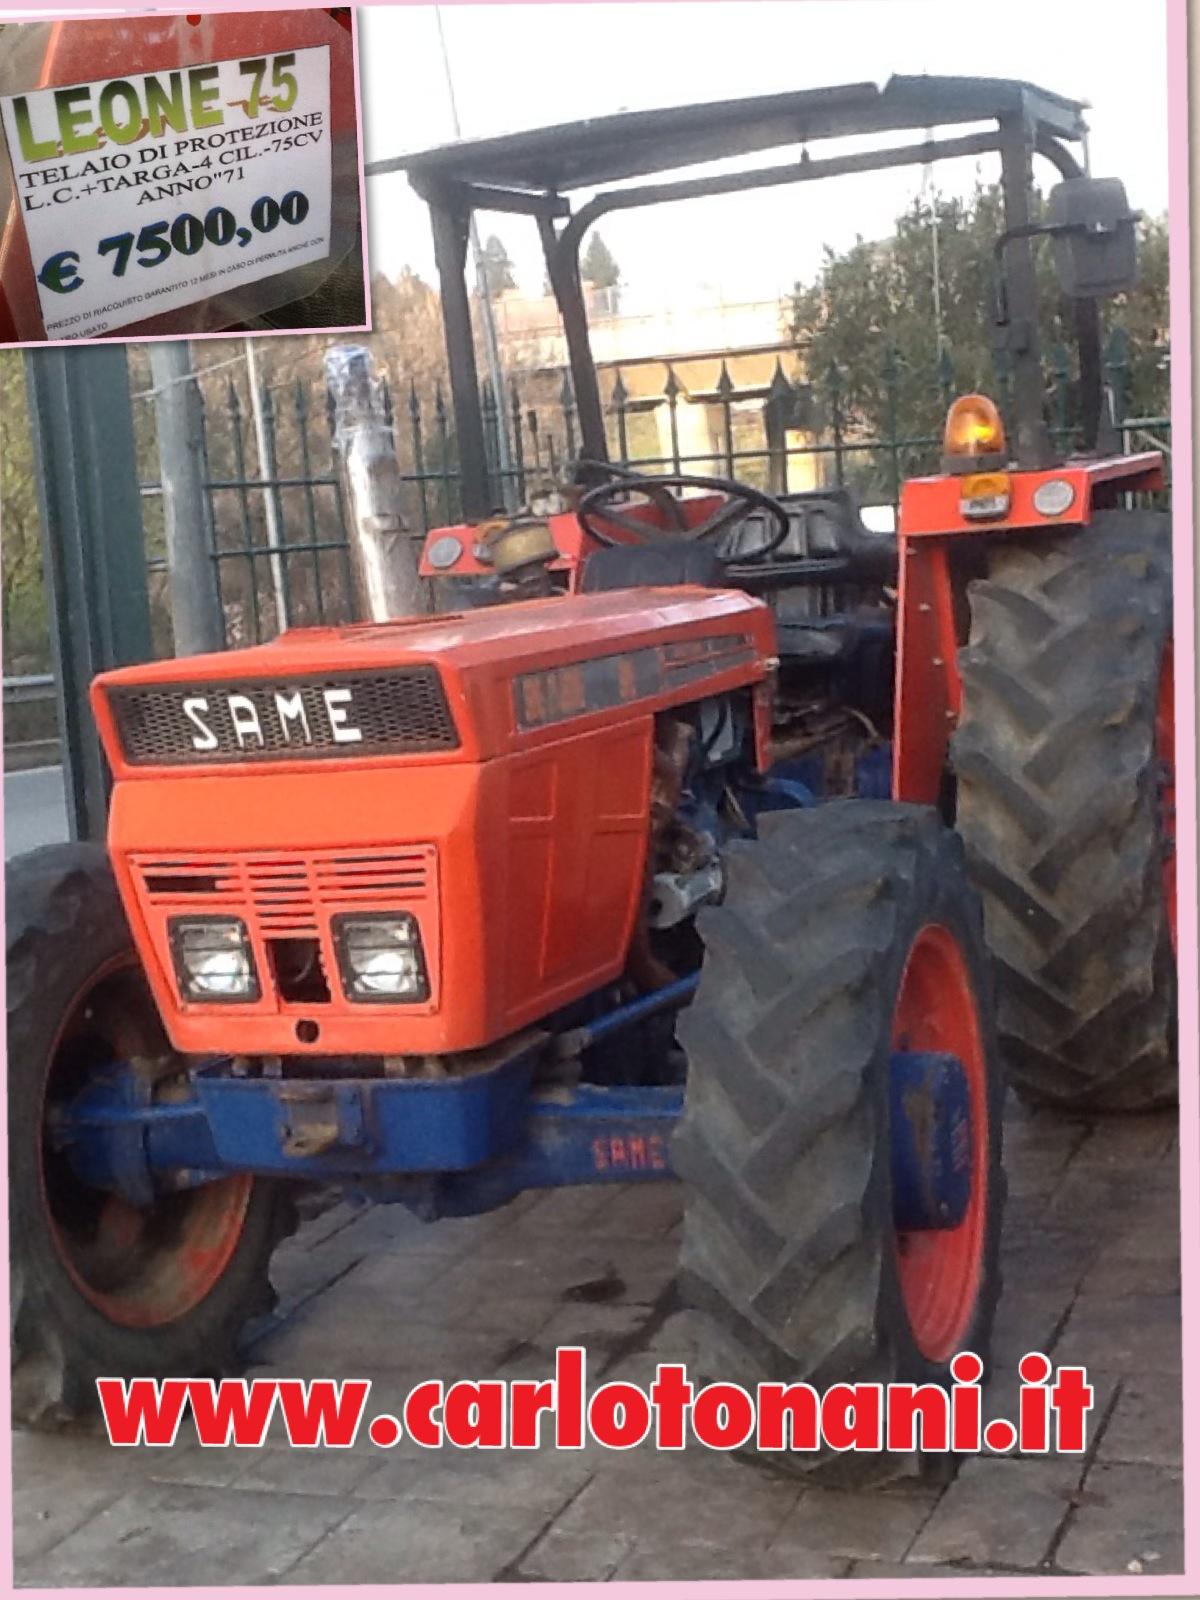 Macchine agricole di carlo tonani for Subito it molise attrezzature agricole